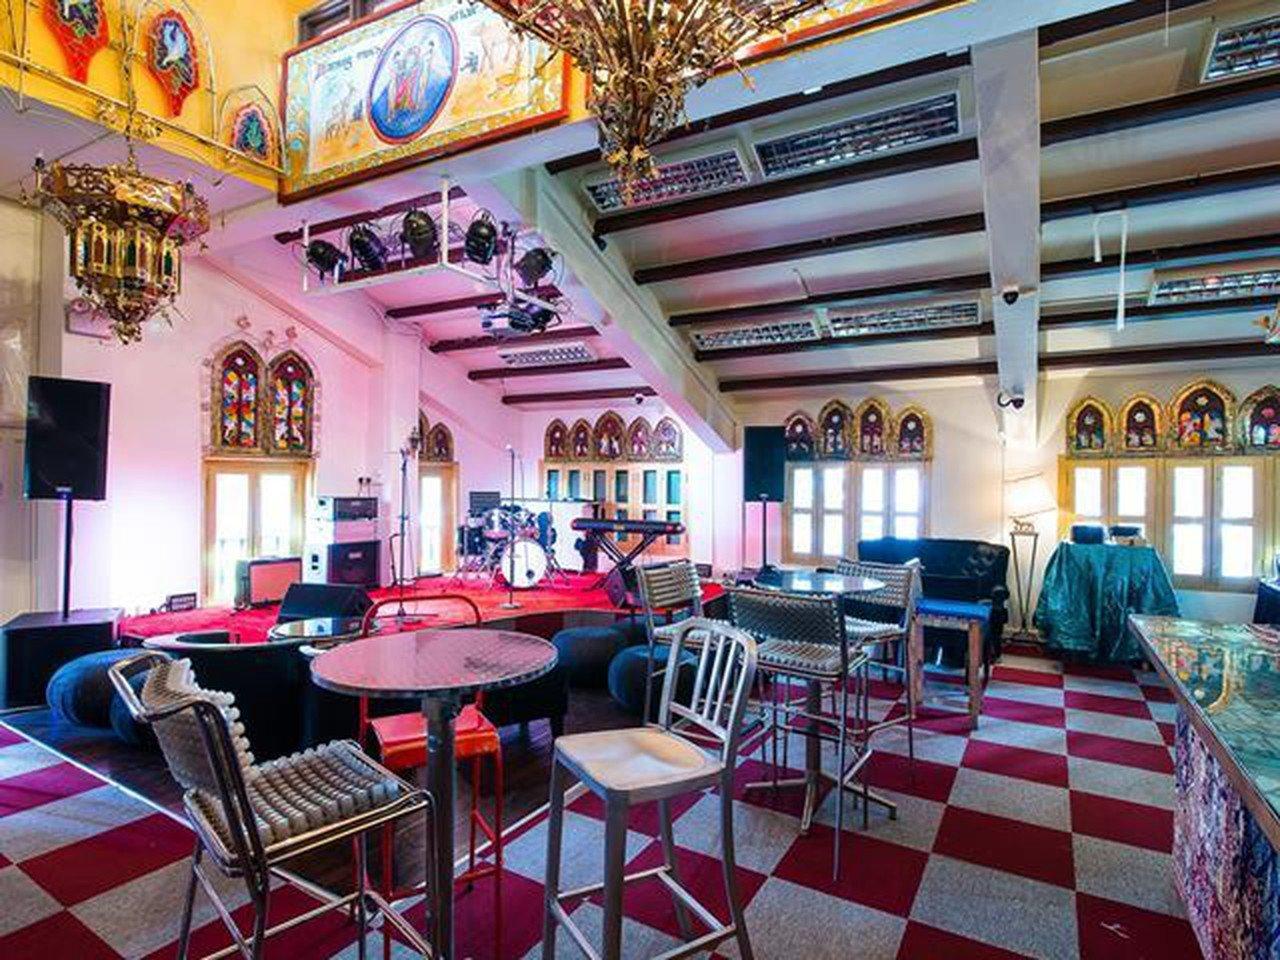 Autres villes workshop spaces Restaurant Blujaz Cafe image 0